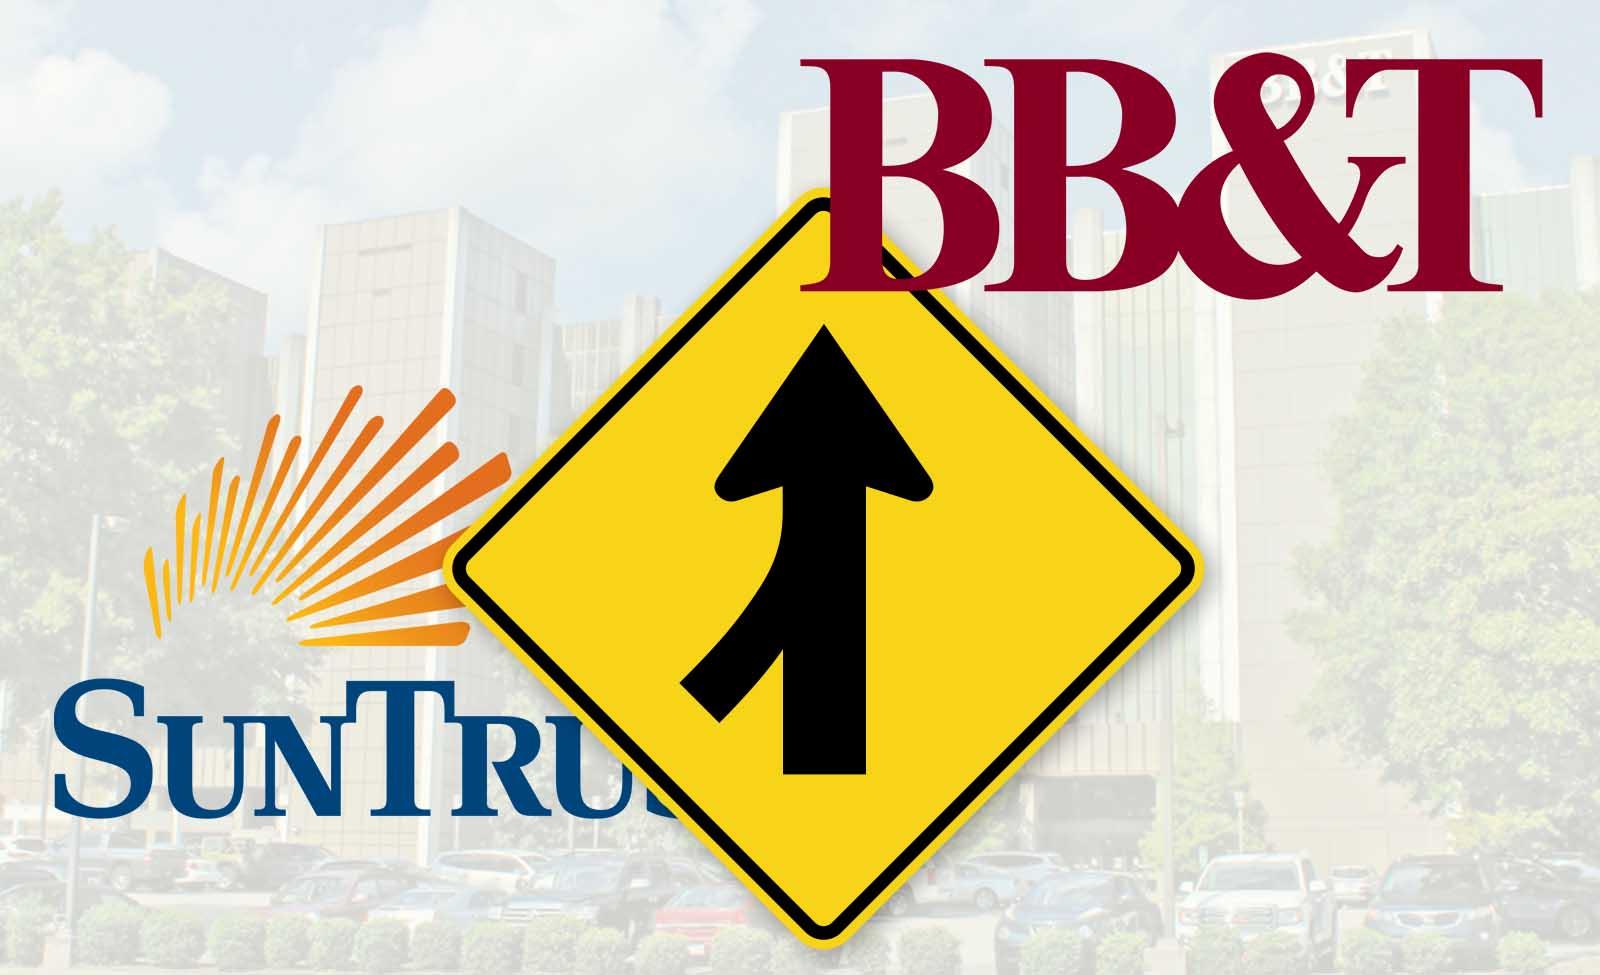 SunTrust BB&T Merger